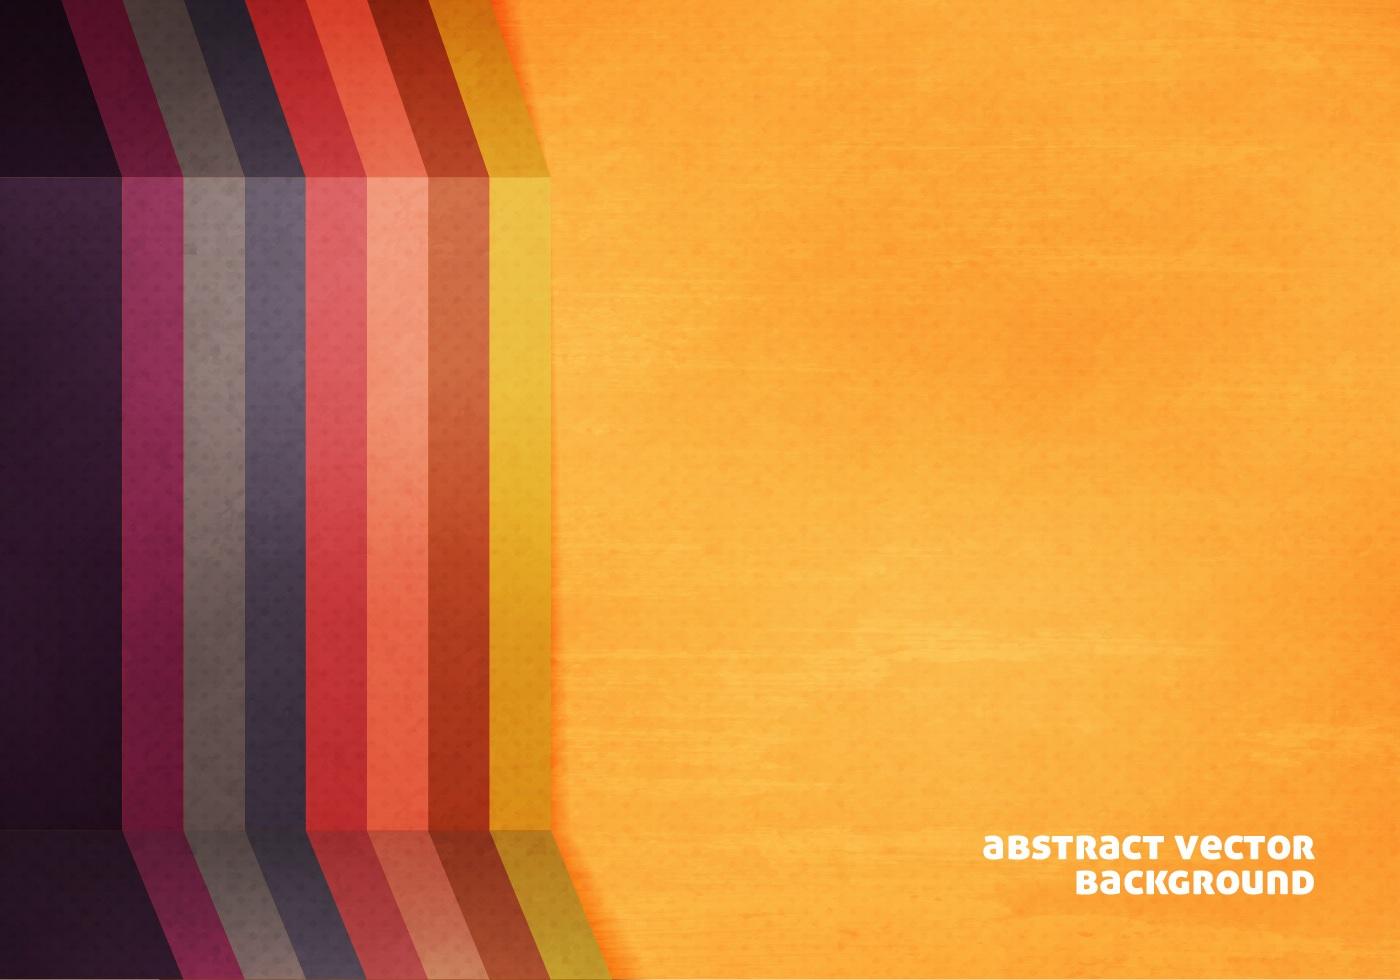 Abstract Background Volleyball Vector Design: Vetor Livre Textura Fundo Abstrato